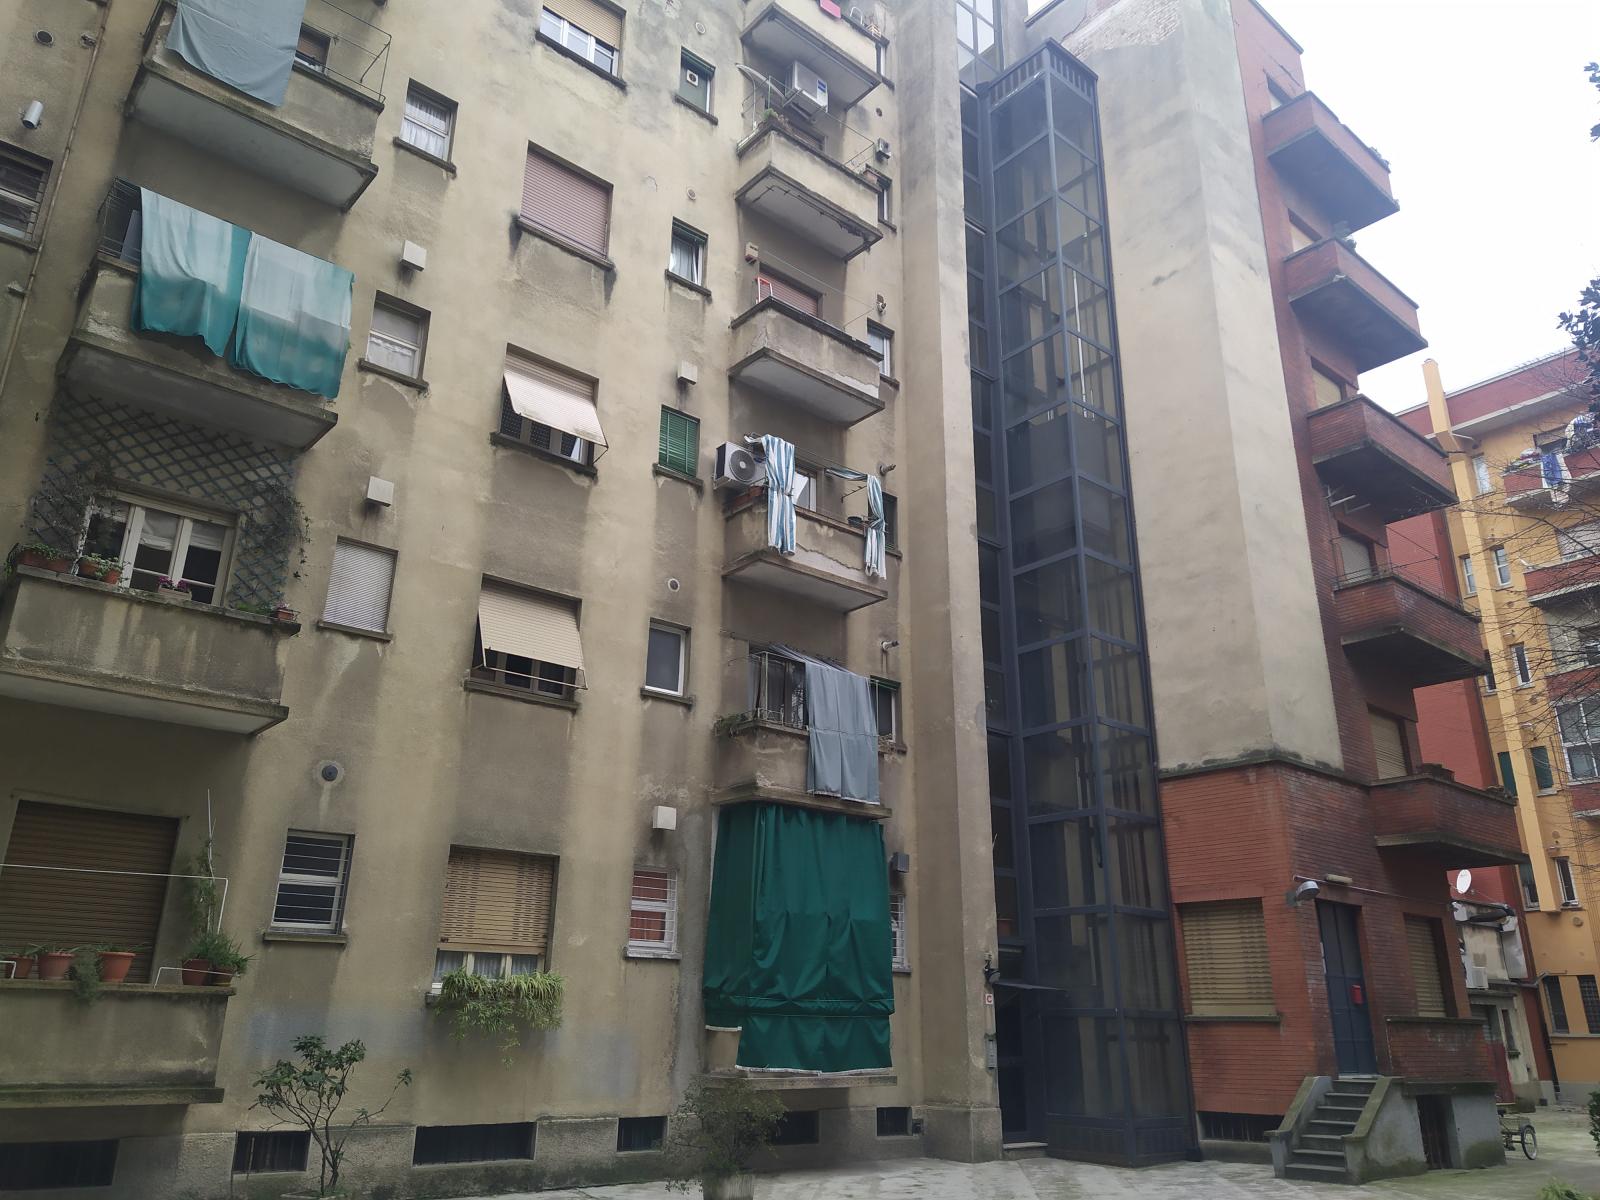 appartamento-in-vendita-piazza-seminunte-tre-locali-milano-da-ristrutturare-spaziourbano-immobiliare-dove-trovi-casa-5